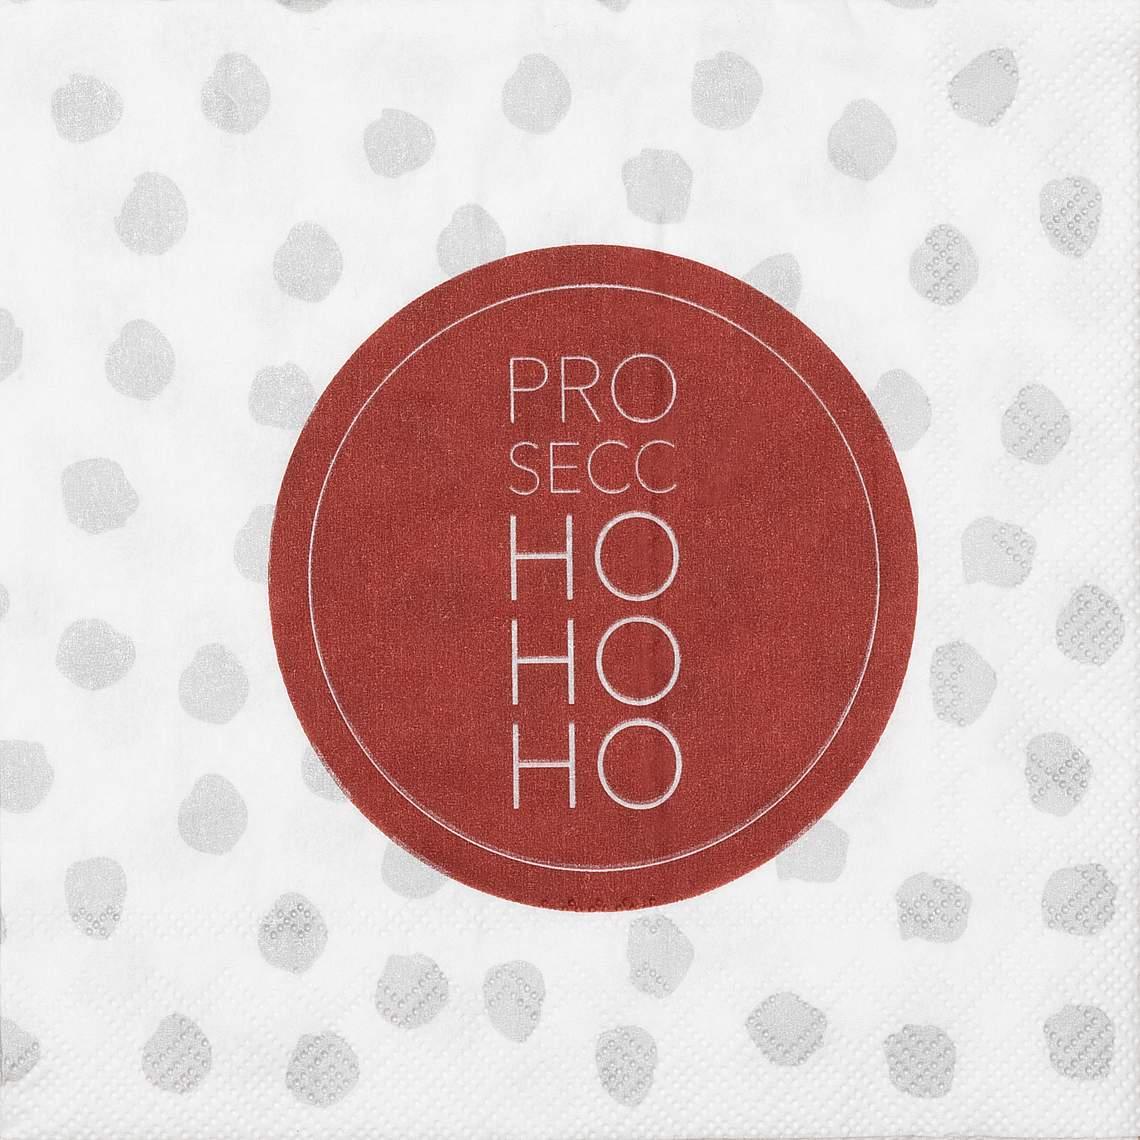 """Cocktailservietten """"Prosecco Ho Ho Ho"""" - räder (Xmas)"""